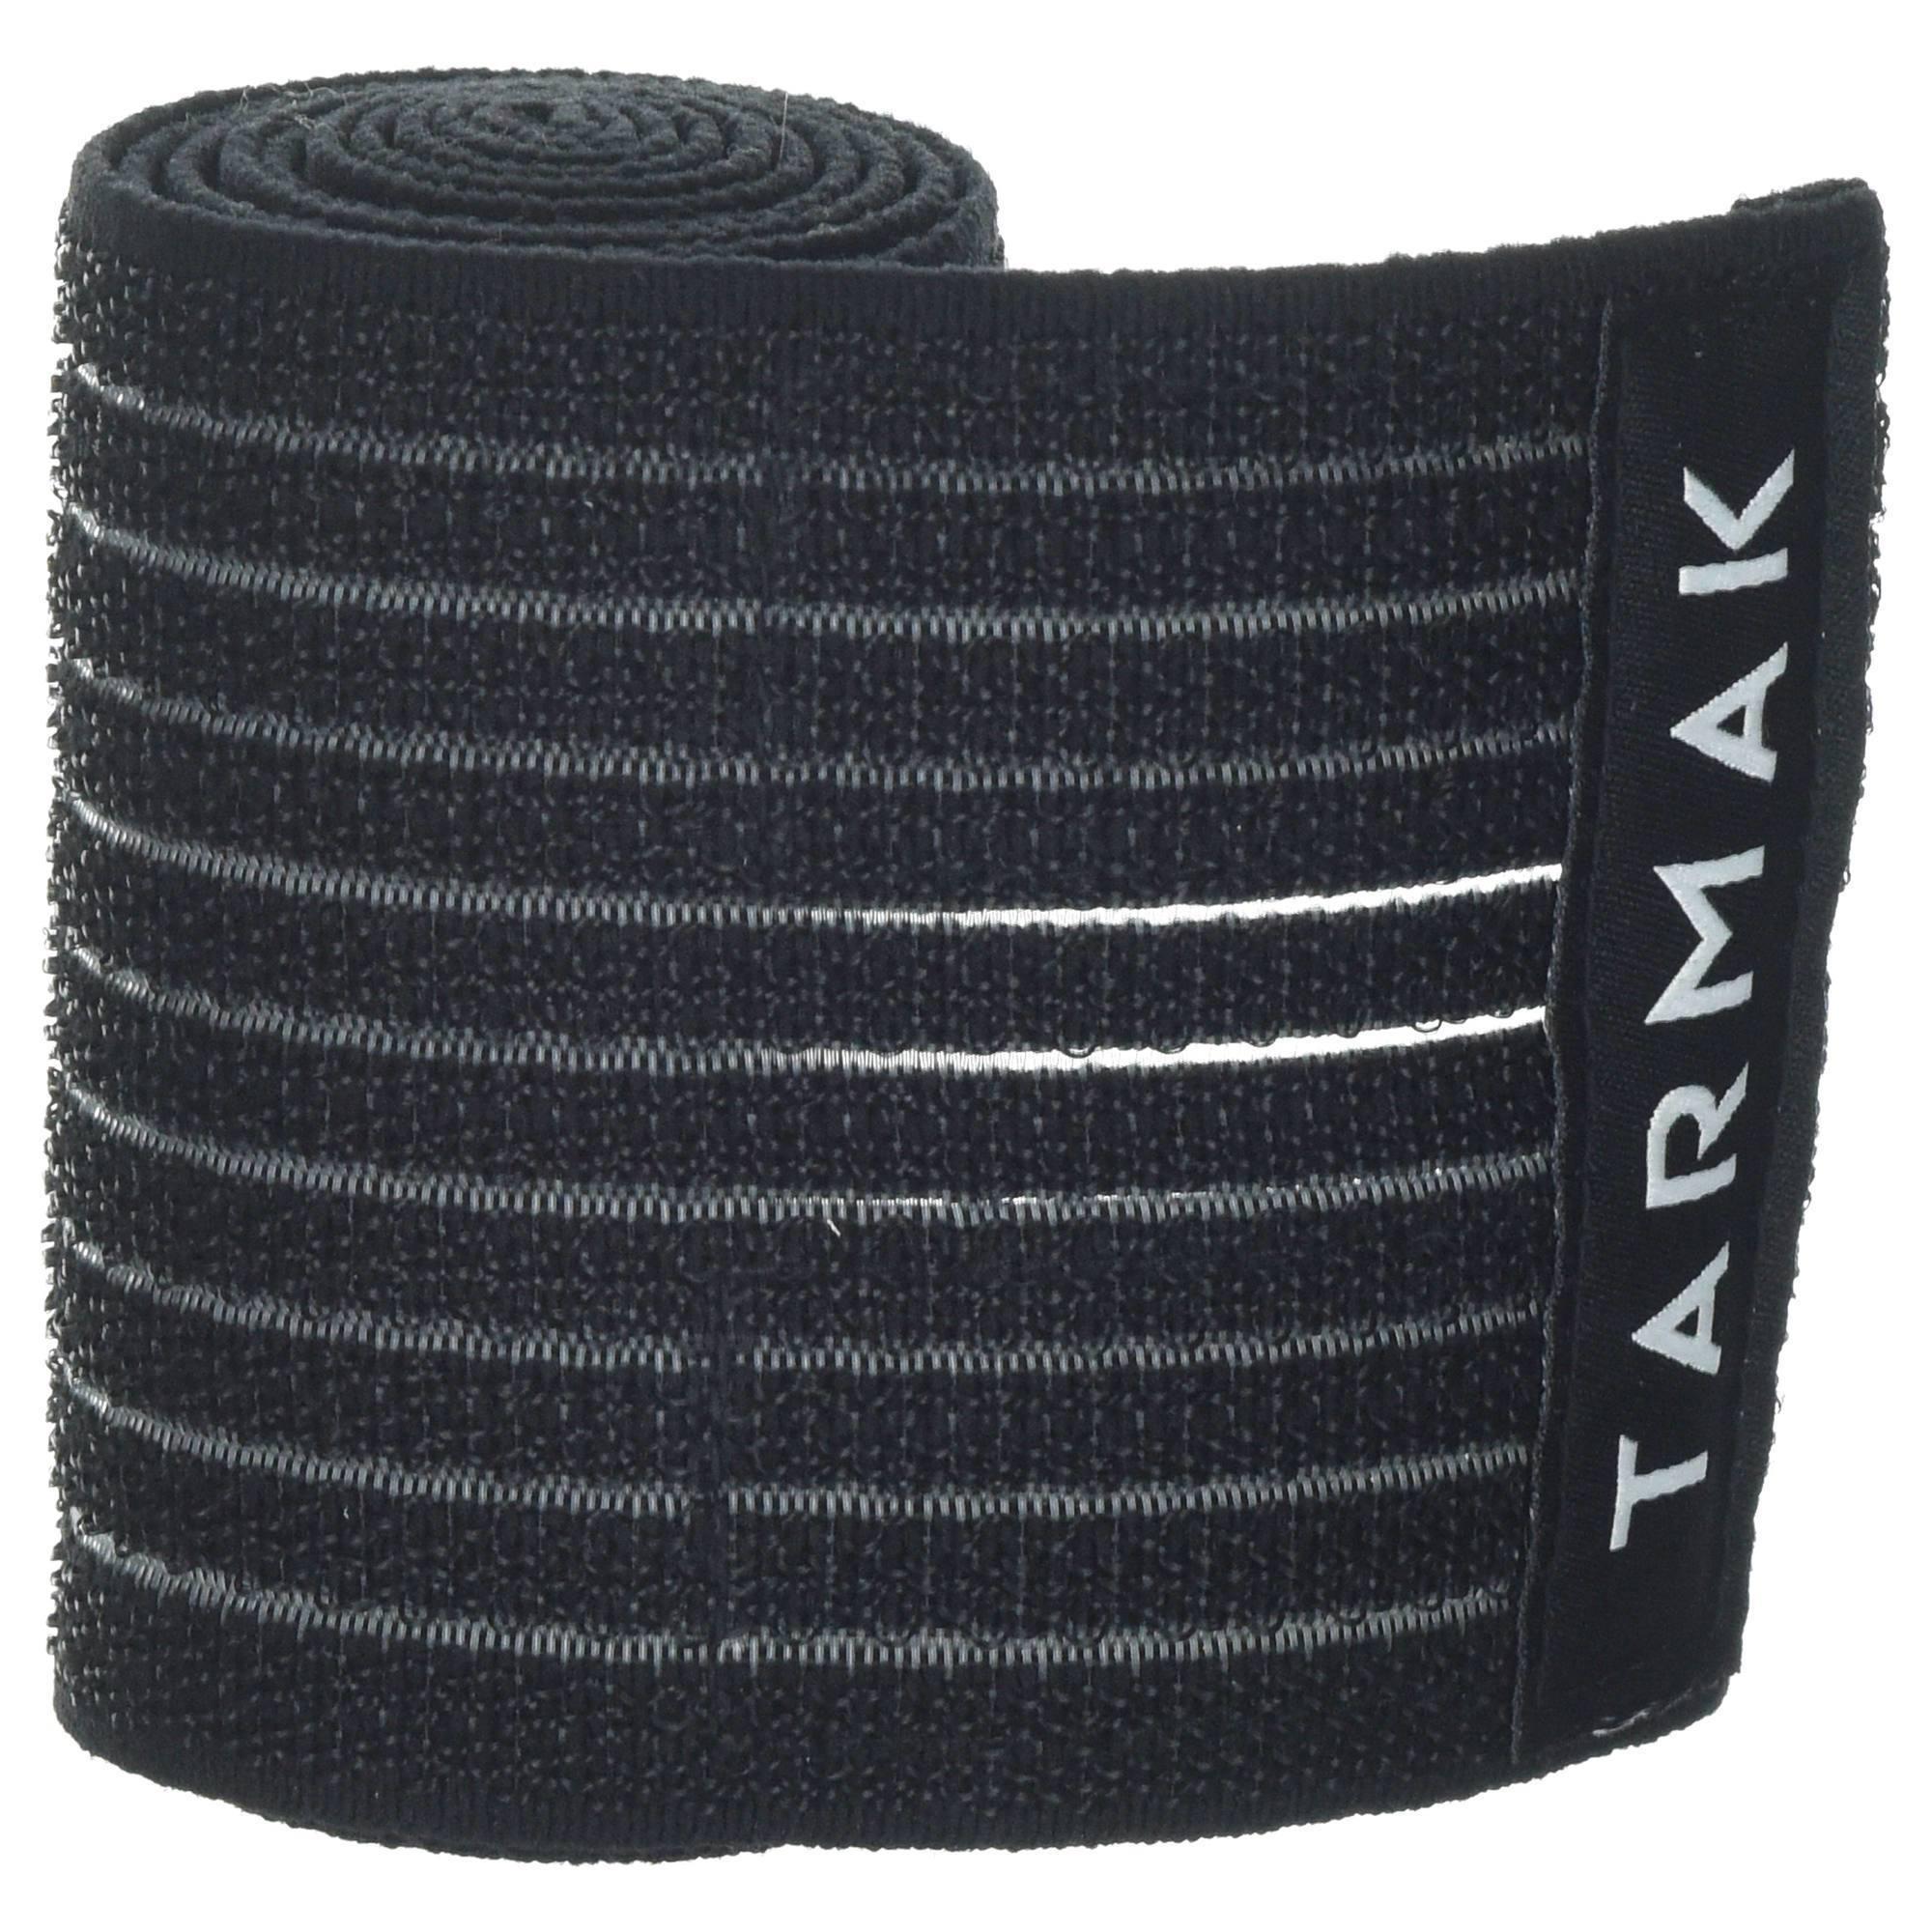 Bande de maintien réutilisable 8 cm x 1,2 m noire